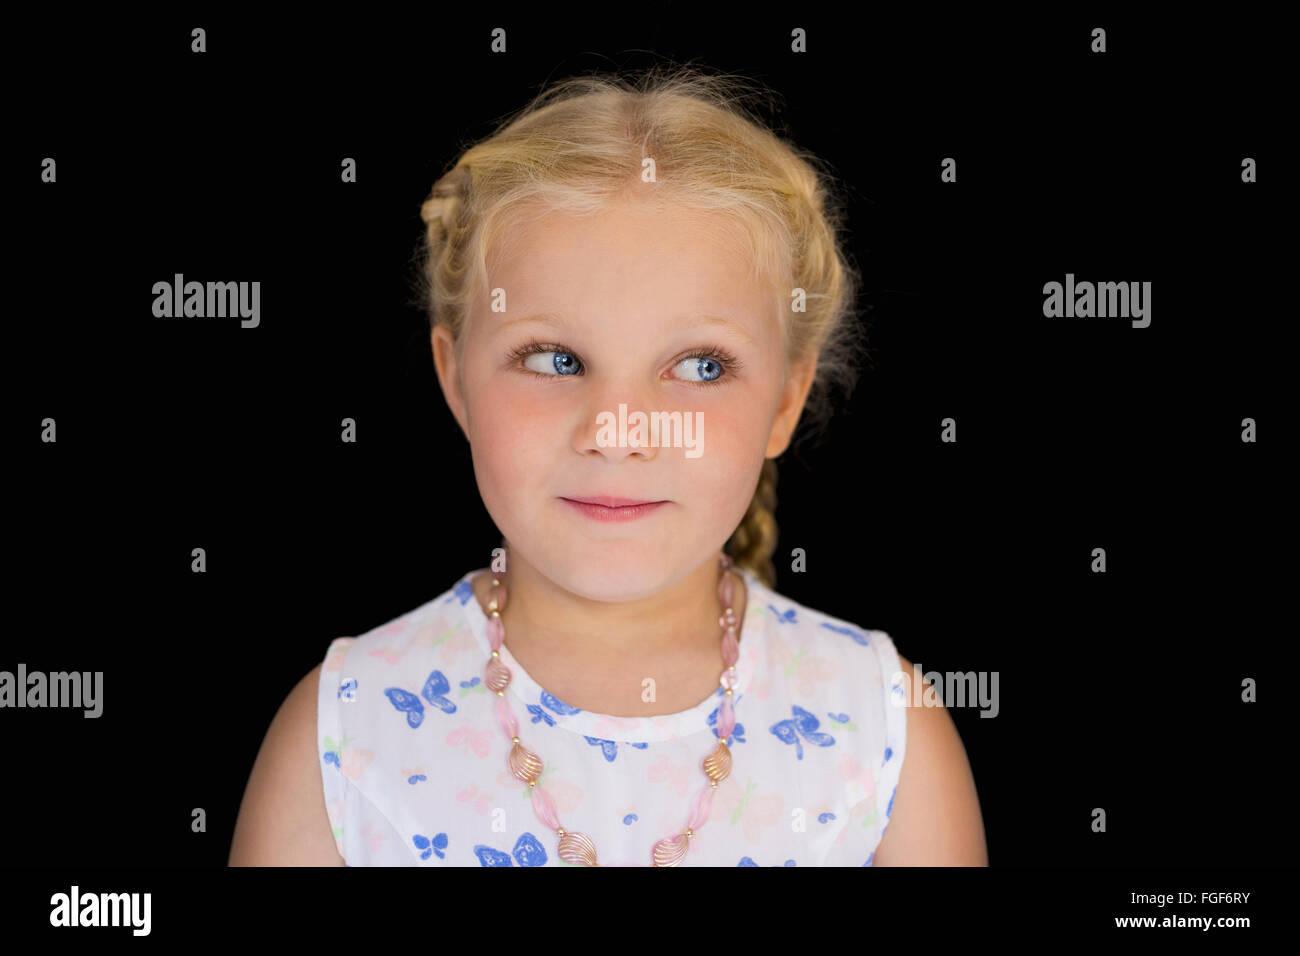 Retrato de una joven con el pelo rubio, sonriente Foto de stock